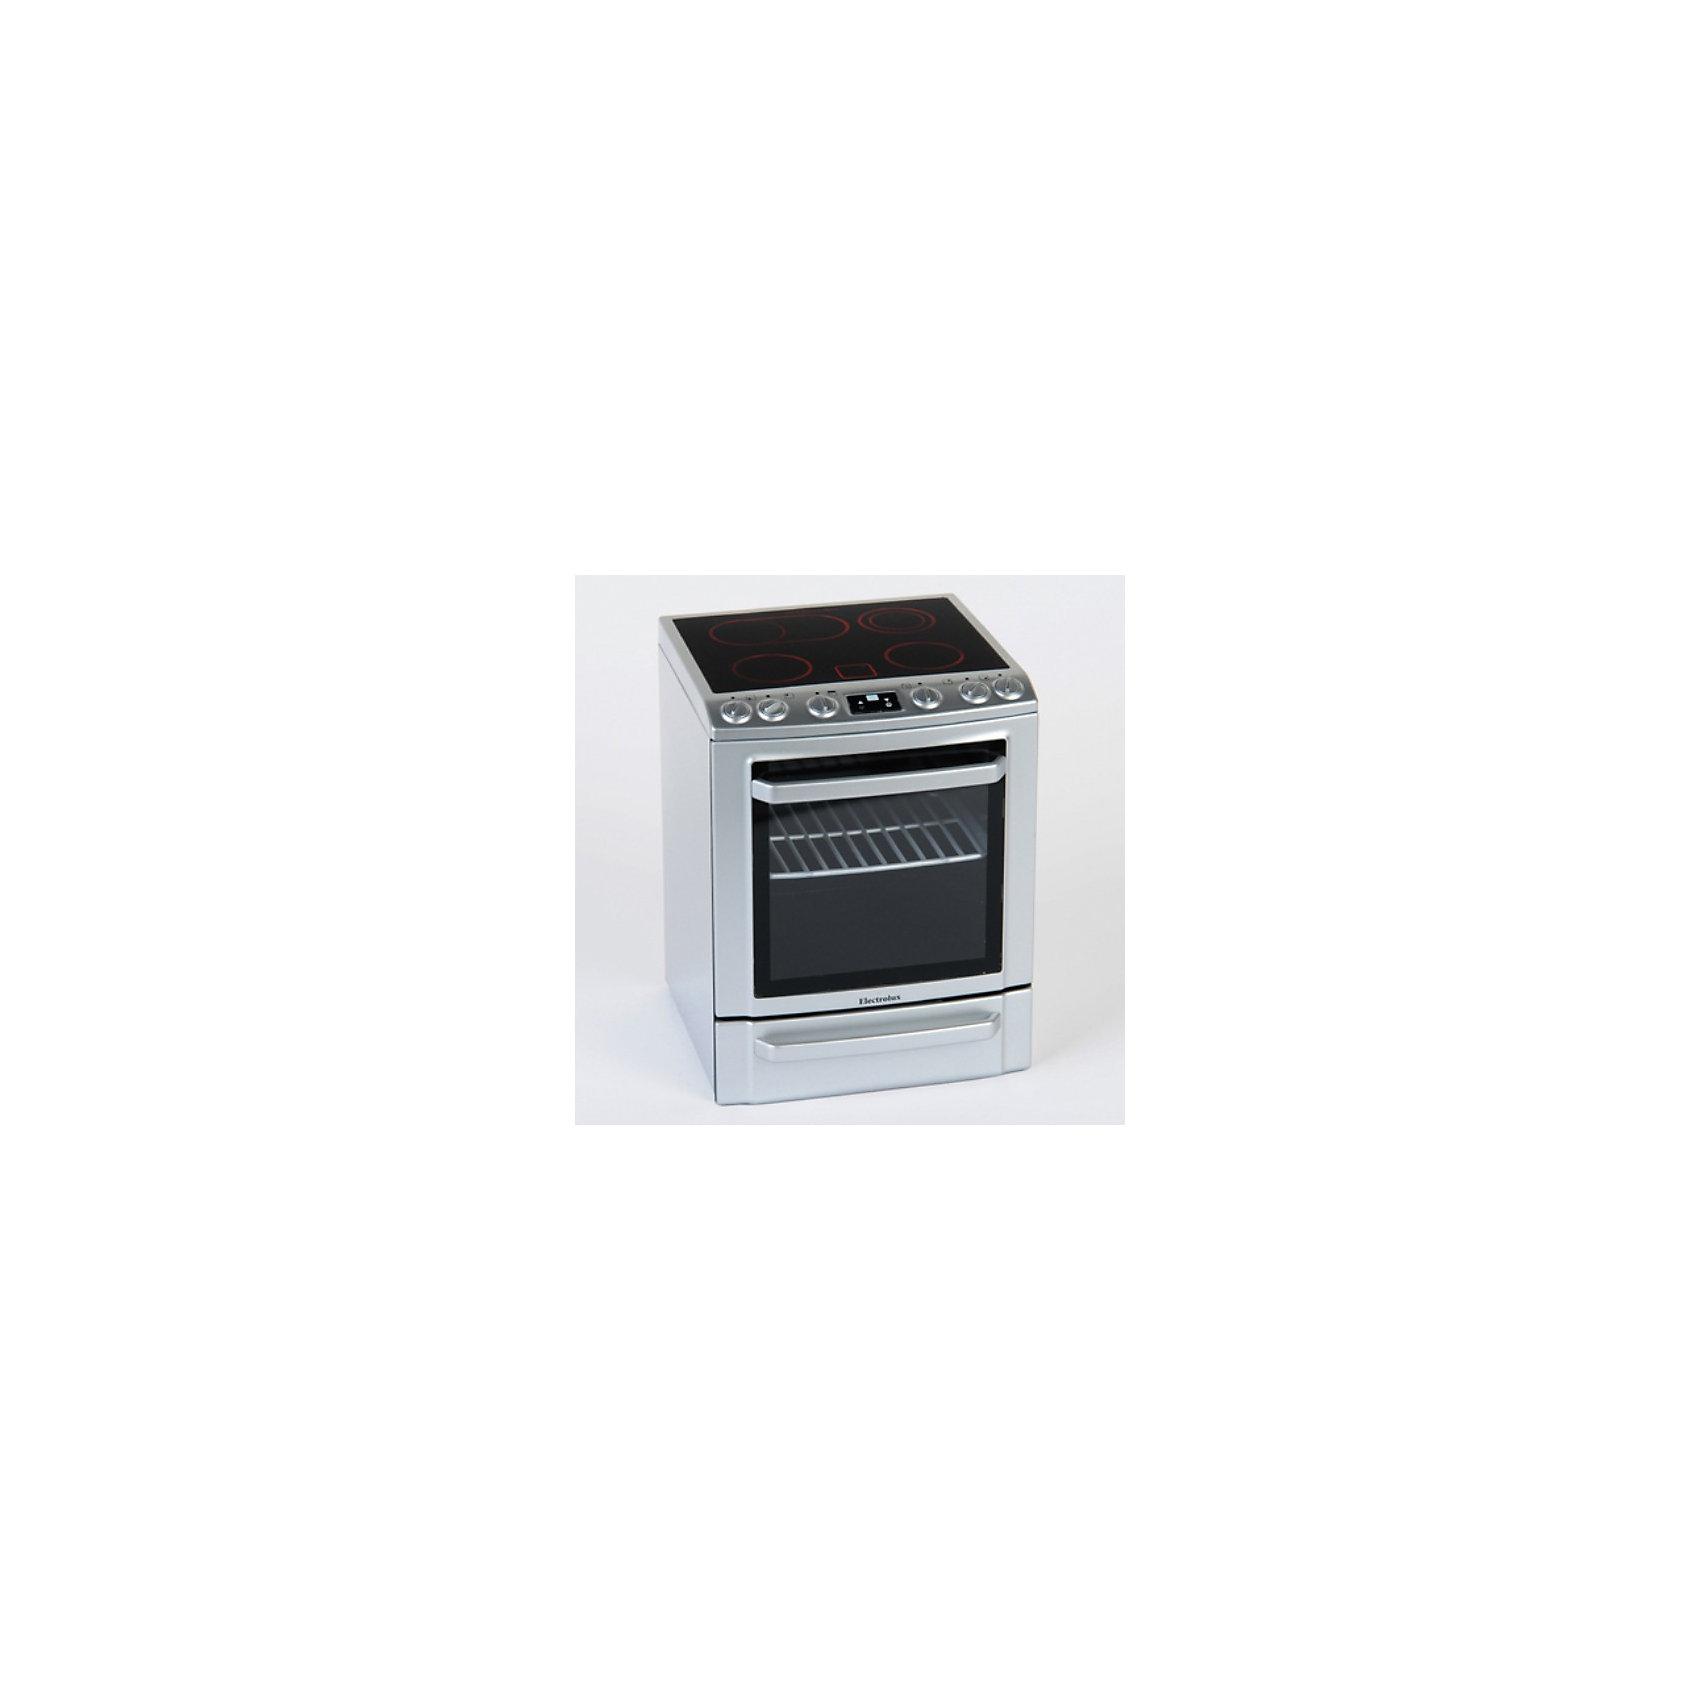 Плита со звуком и подсветкой Electrolux, KleinИгрушечная бытовая техника<br>Маленькая кухонная плита Electrolux, Klein (Кляйн) отличается от взрослой только размером, это точная копия фирменной стеклокерамической плиты Electrolux. Игрушка обладает всеми функциями и деталями настоящей кухонной плиты, в ней есть и конфорки для приготовления обеда и духовка с открывающейся дверцей и решеткой для выпечки. Кроме того, присутствуют световые и звуковые эффекты: при включении плиты конфорки подсвечиваются красным светом, а при установке посуды на конфорки игрушка будет издавать звуки готовящейся пищи. В выдвижном ящике можно хранить посуду (в комплект не входит).<br><br>Дополнительная информация<br><br>- Материал: пластик.<br>- Требуются батарейки: 3 х R6 (в комплект не входят).<br>- Размер упаковки: 26 х 21,5 х 19,5 см.<br>- Вес:1,53 кг.<br><br>Плиту со звуком и подсветкой Electrolux, Klein, можно купить в нашем интернет- магазине.<br><br>Ширина мм: 260<br>Глубина мм: 215<br>Высота мм: 195<br>Вес г: 1450<br>Возраст от месяцев: 36<br>Возраст до месяцев: 1164<br>Пол: Женский<br>Возраст: Детский<br>SKU: 1900246